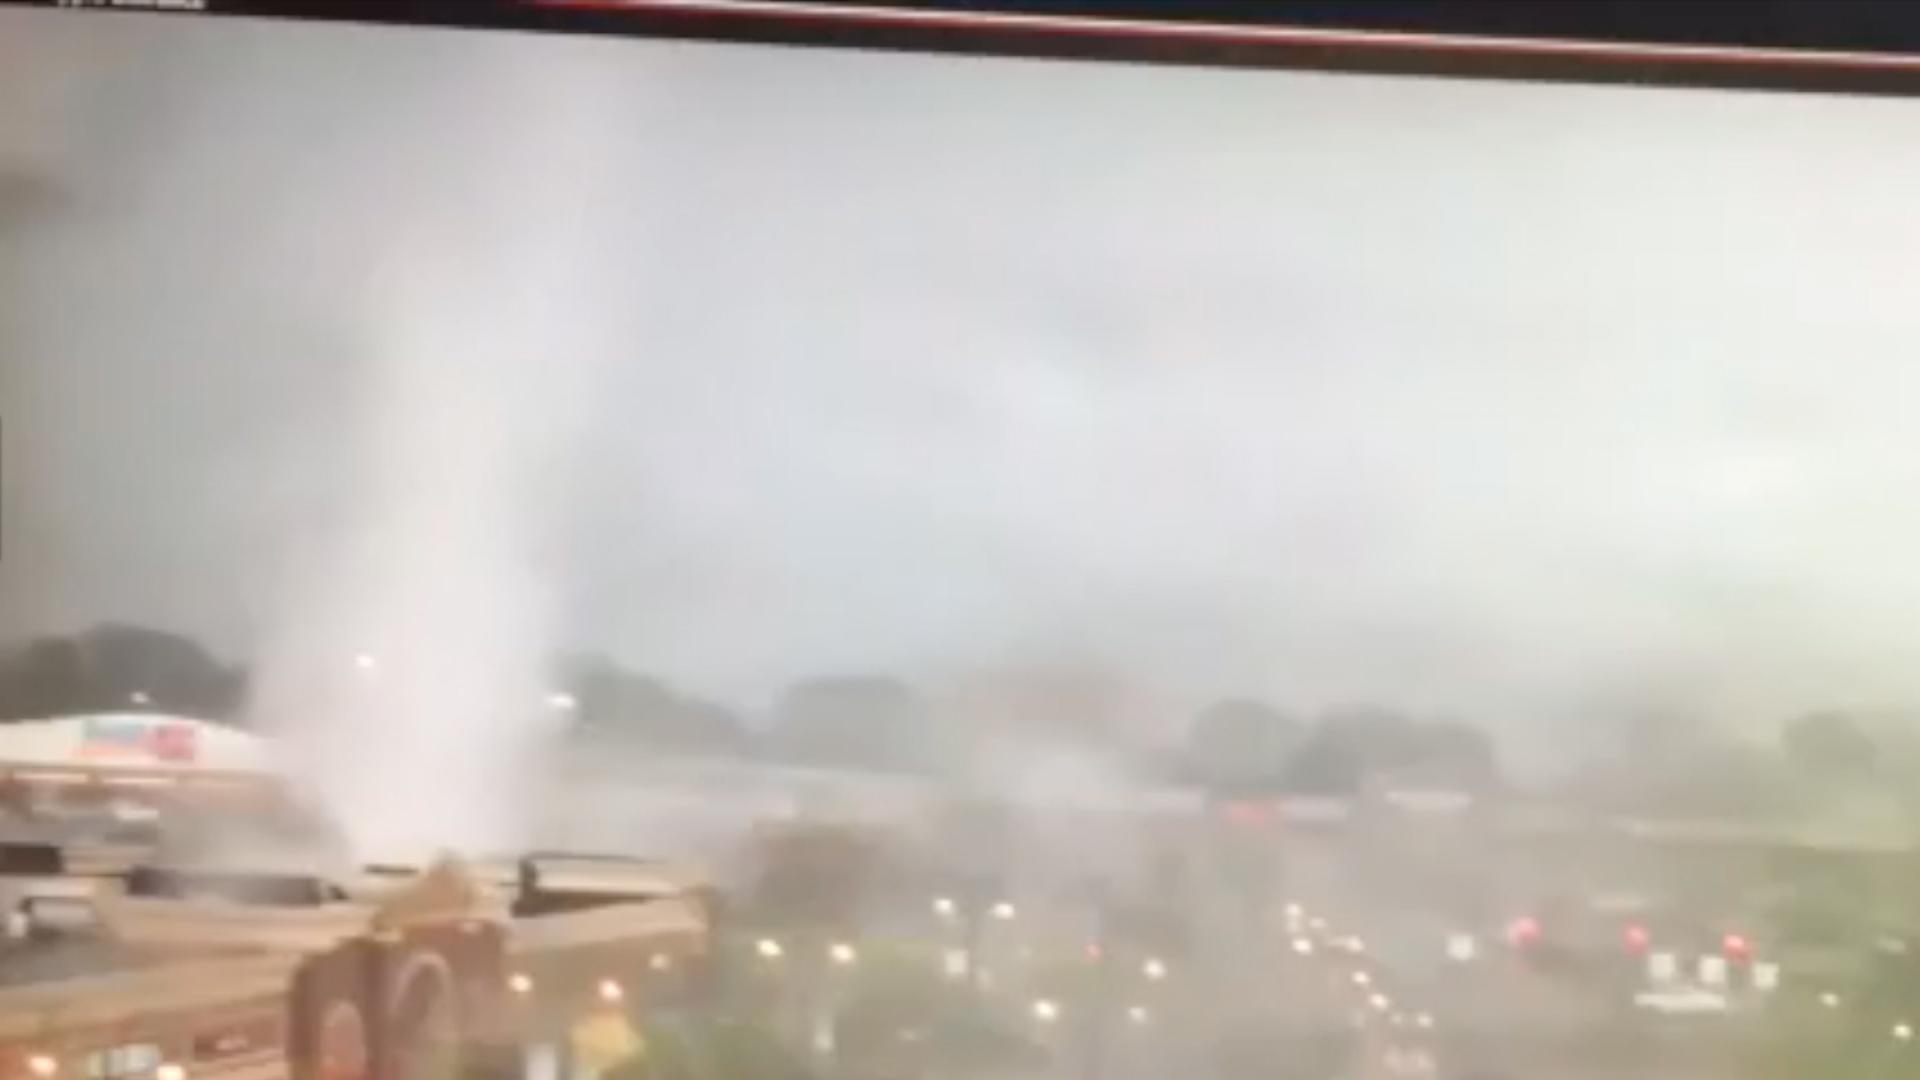 Surveillance video captures tornado in Ohio